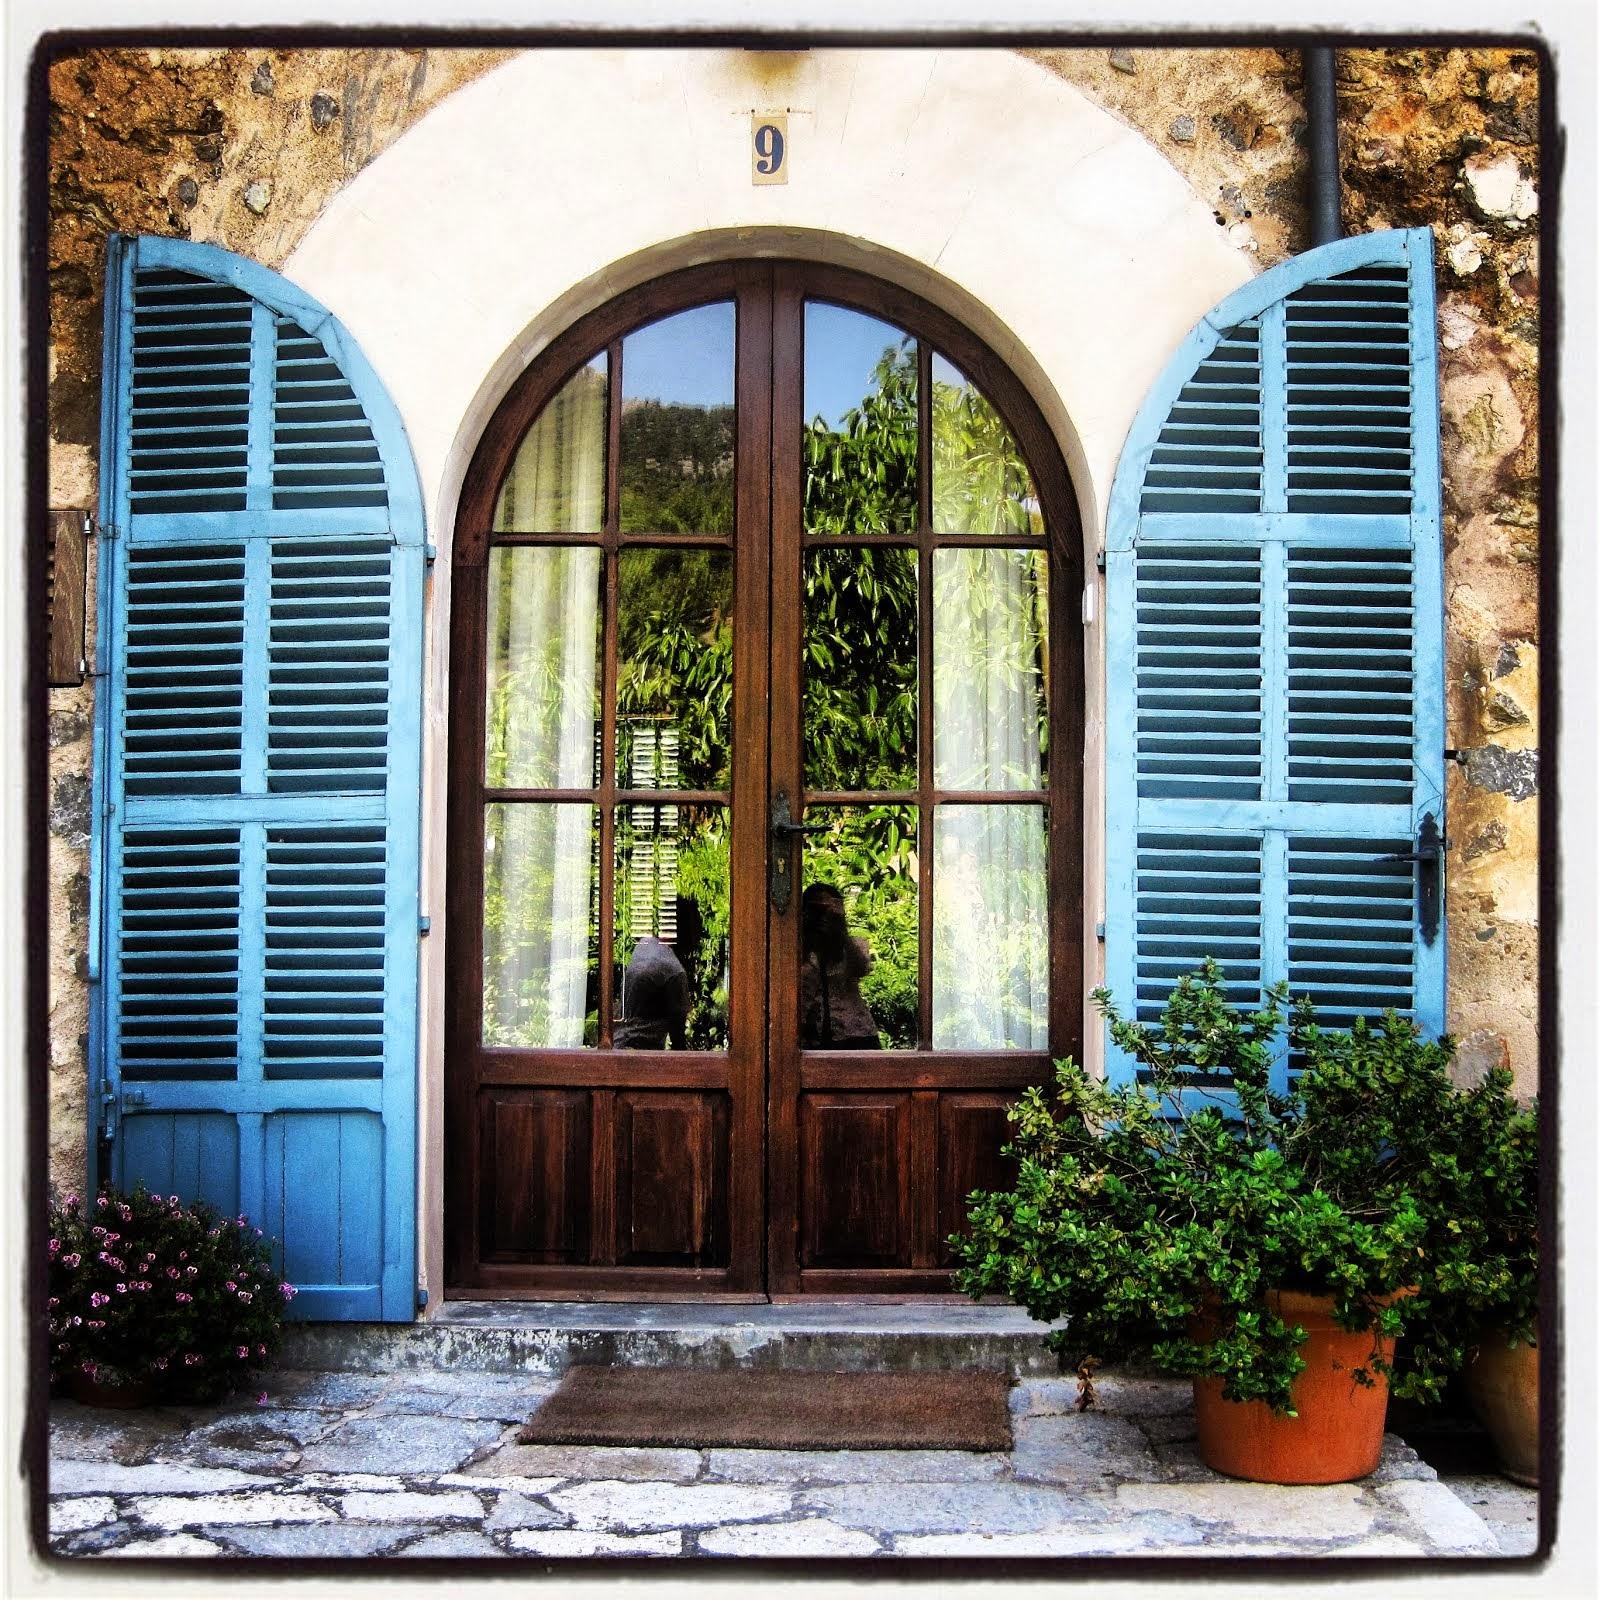 Lo mejor de tu casa es con quien la compartes (M.R)